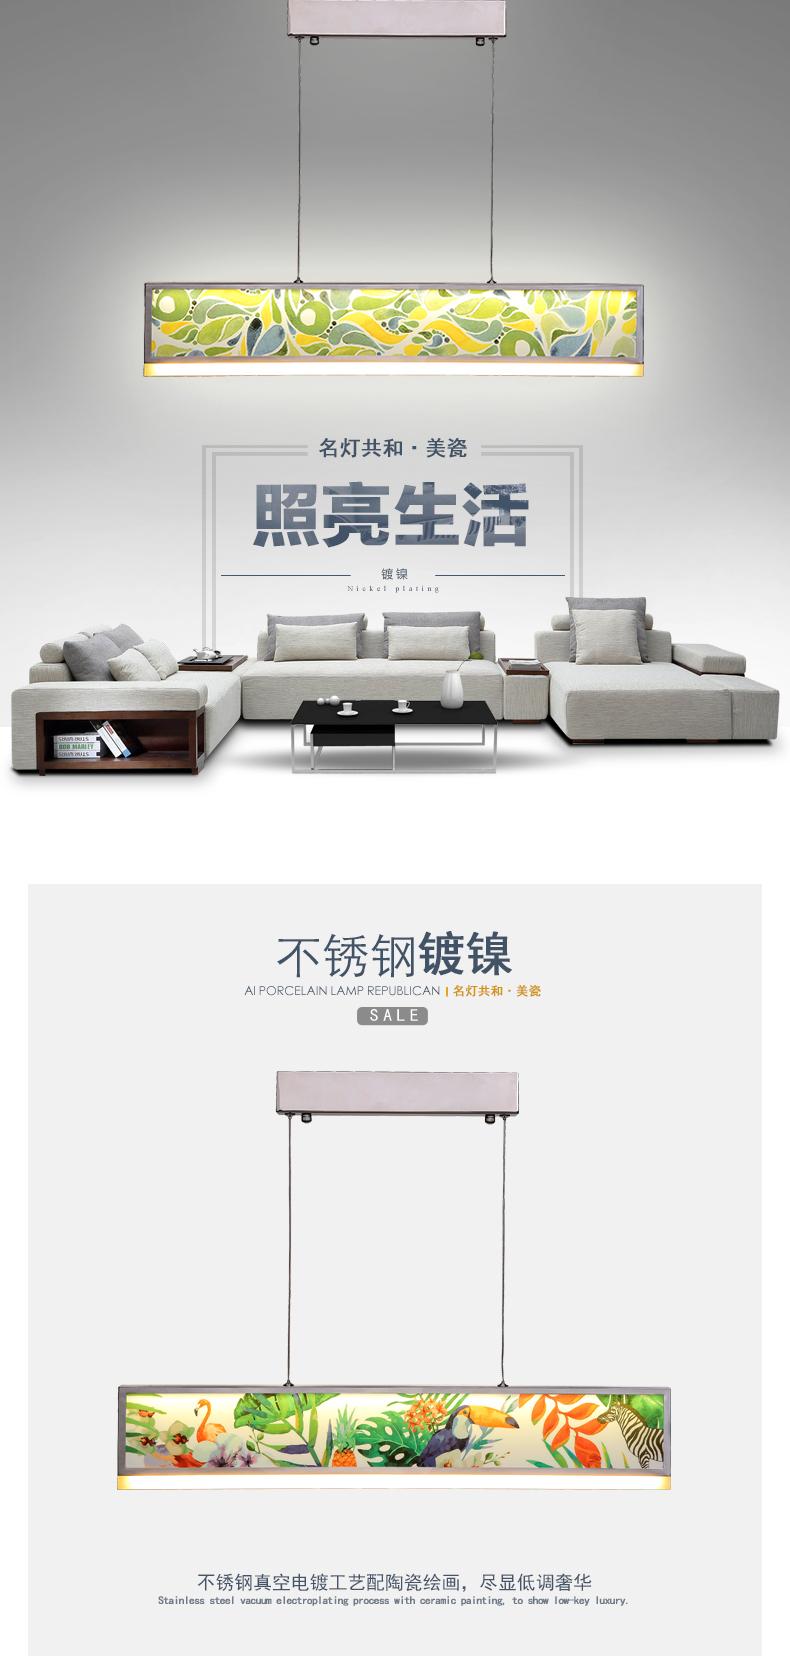 [E淘-灯饰]现代风格 — — 名灯共和●美瓷 新品上架!